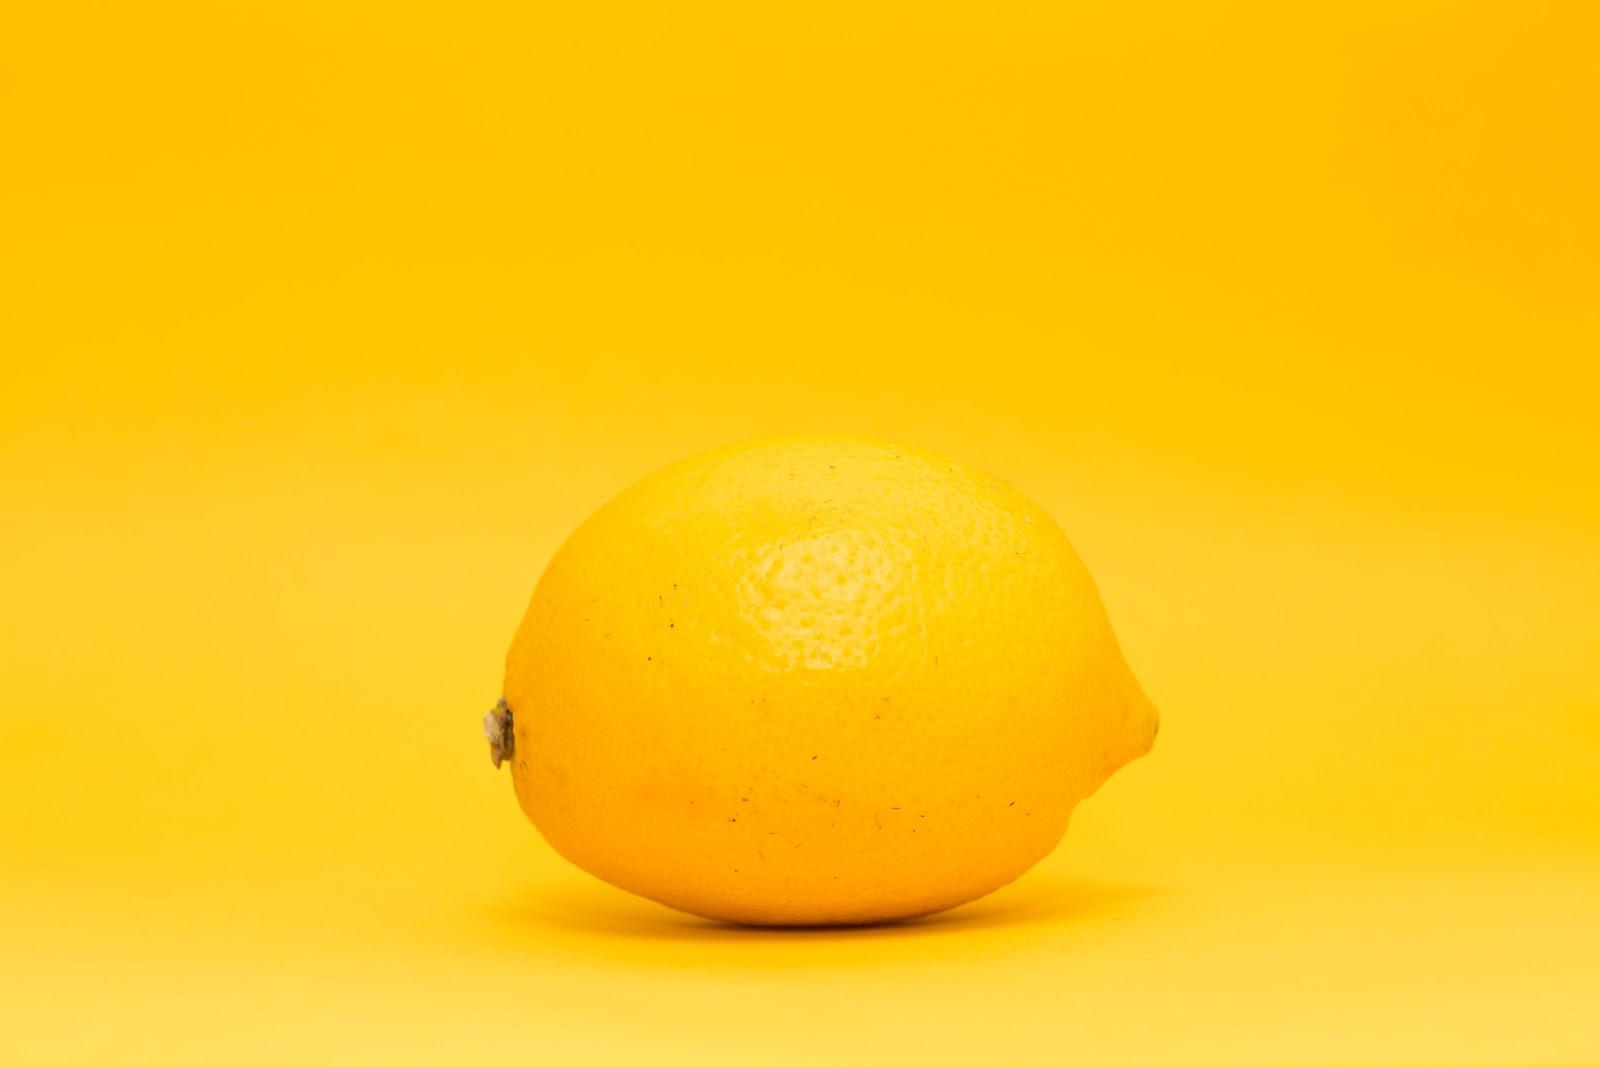 Yellow lemon on a yellow monochrome backdrop